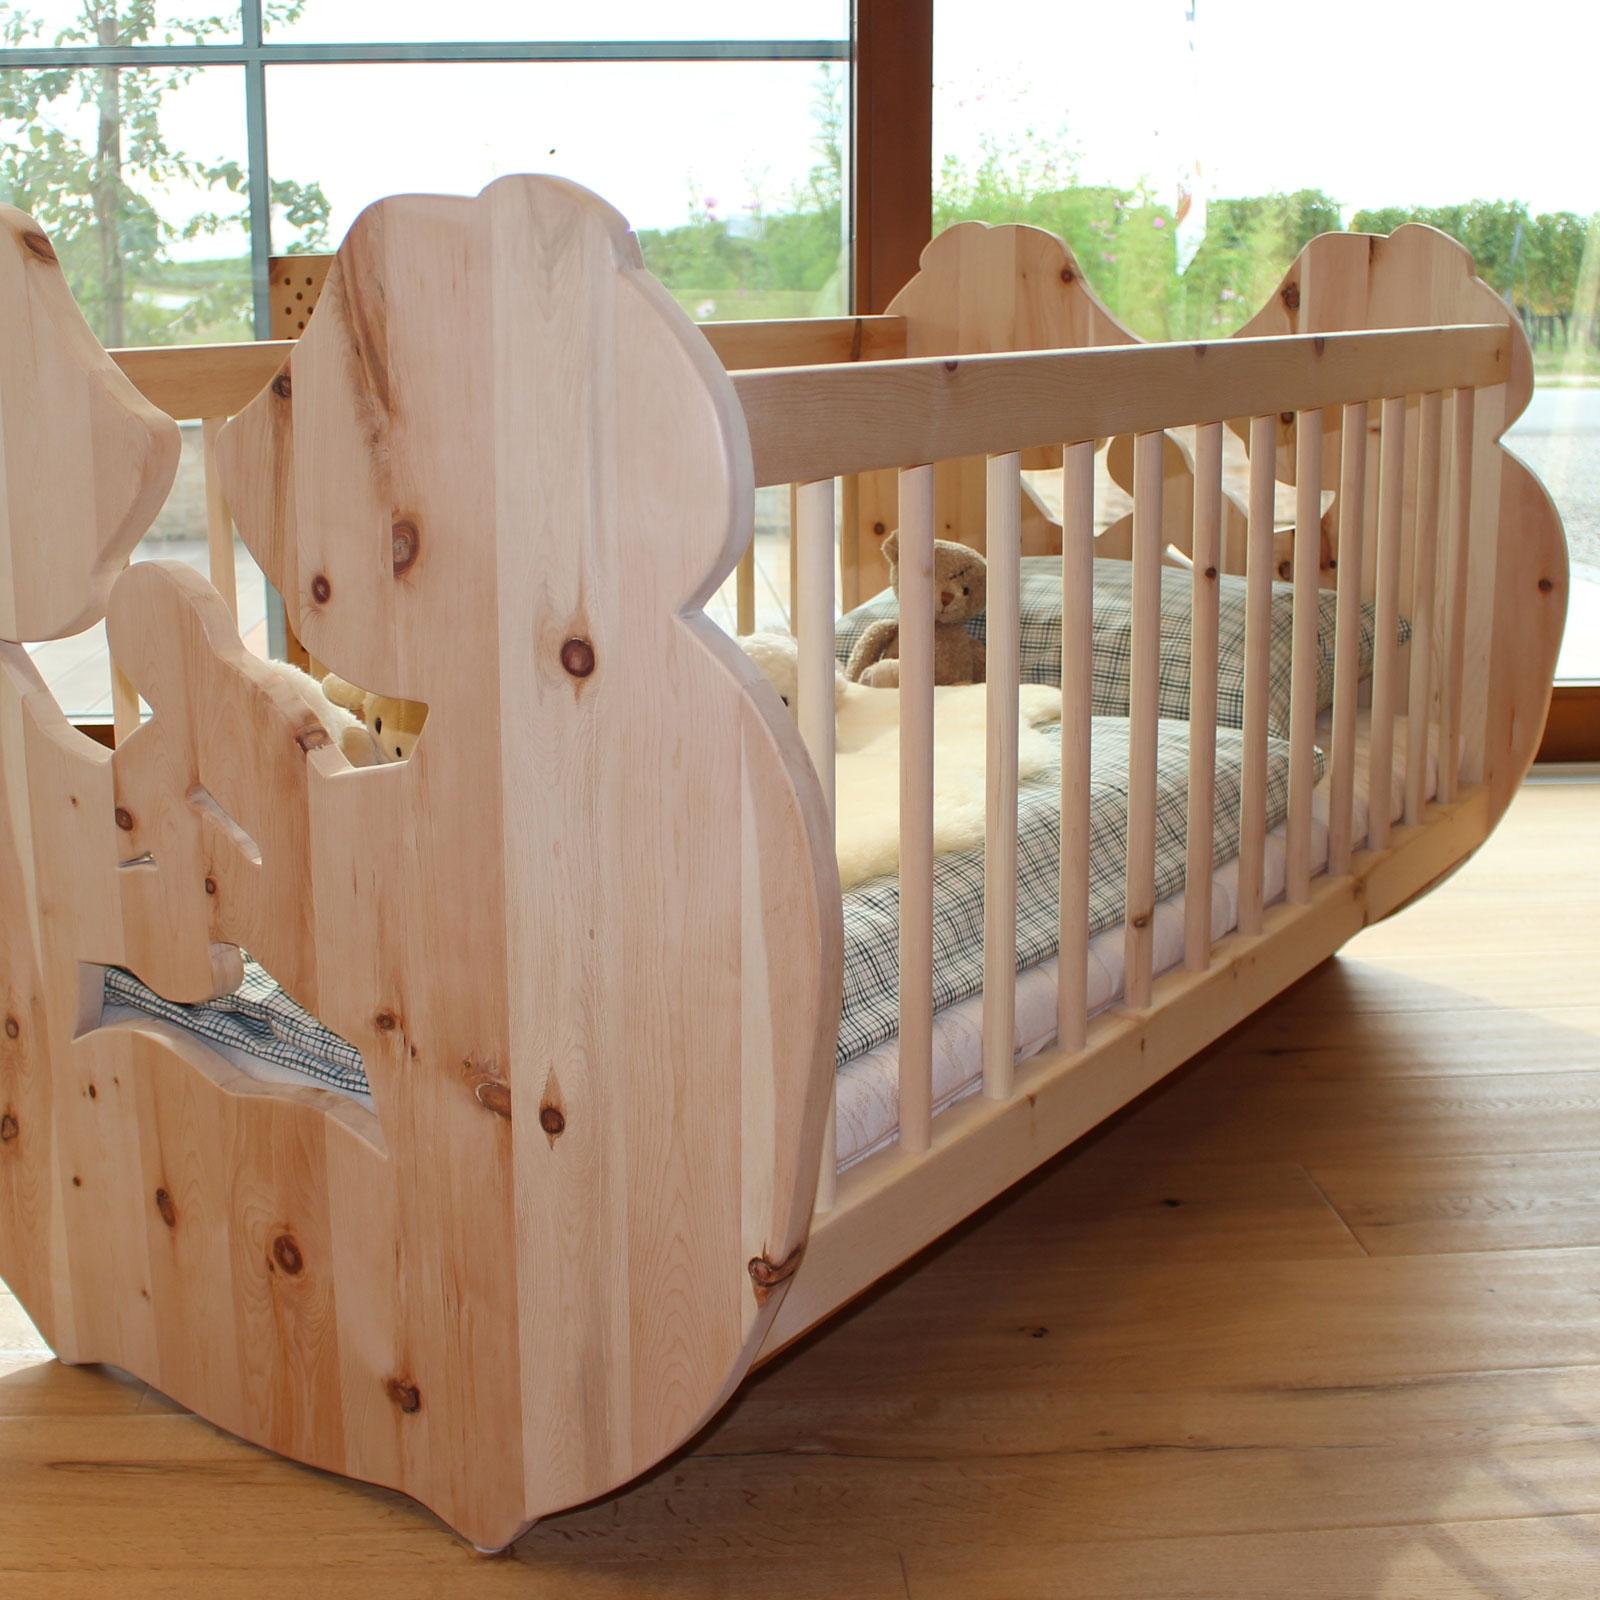 möbel aus zirbenholz, Schlafzimmer entwurf